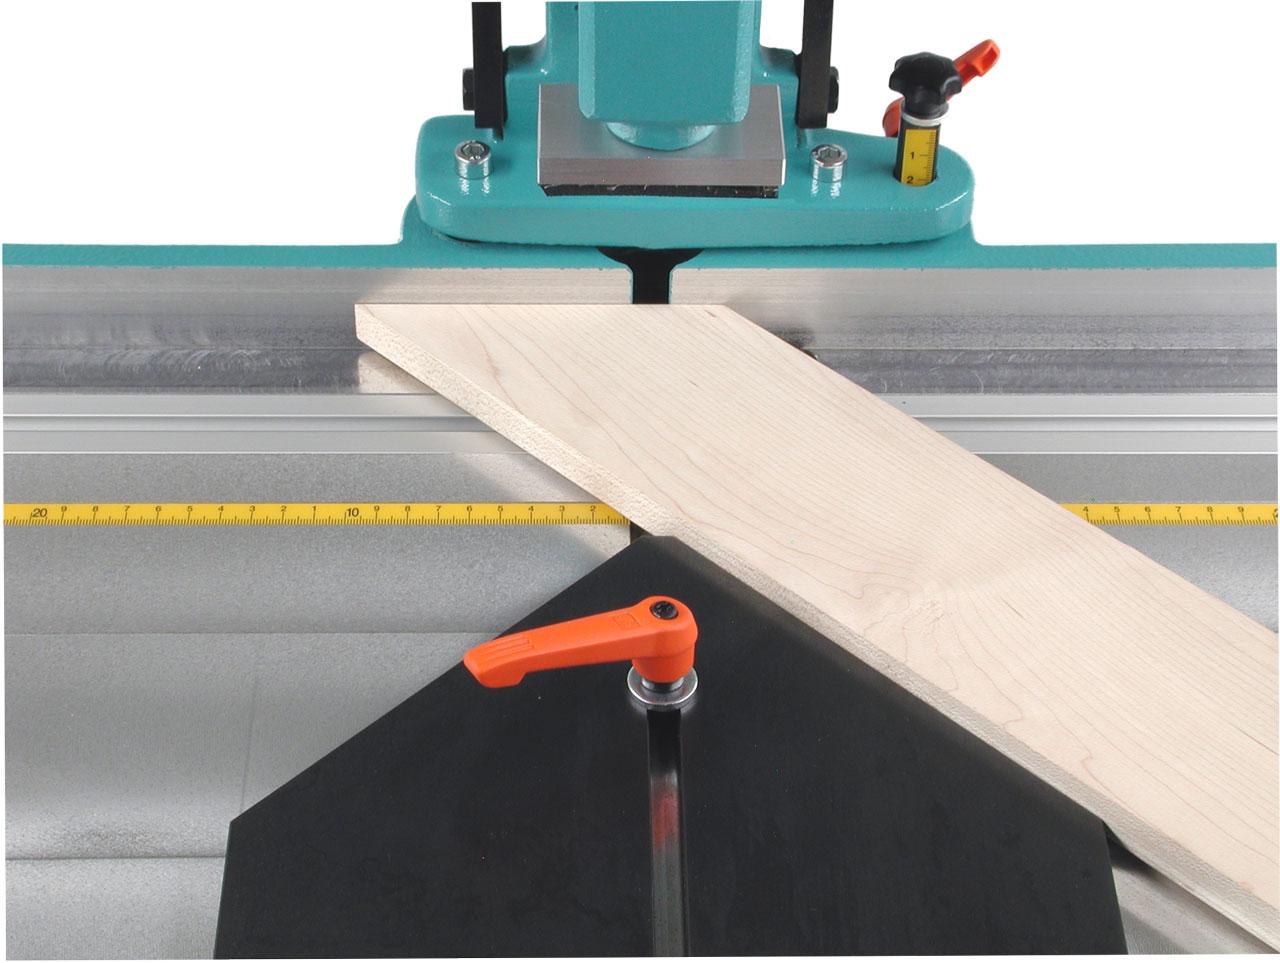 x20-miter-joint-workpiece2-hoffmann-dovetail-routing-machine-w1000200.jpg